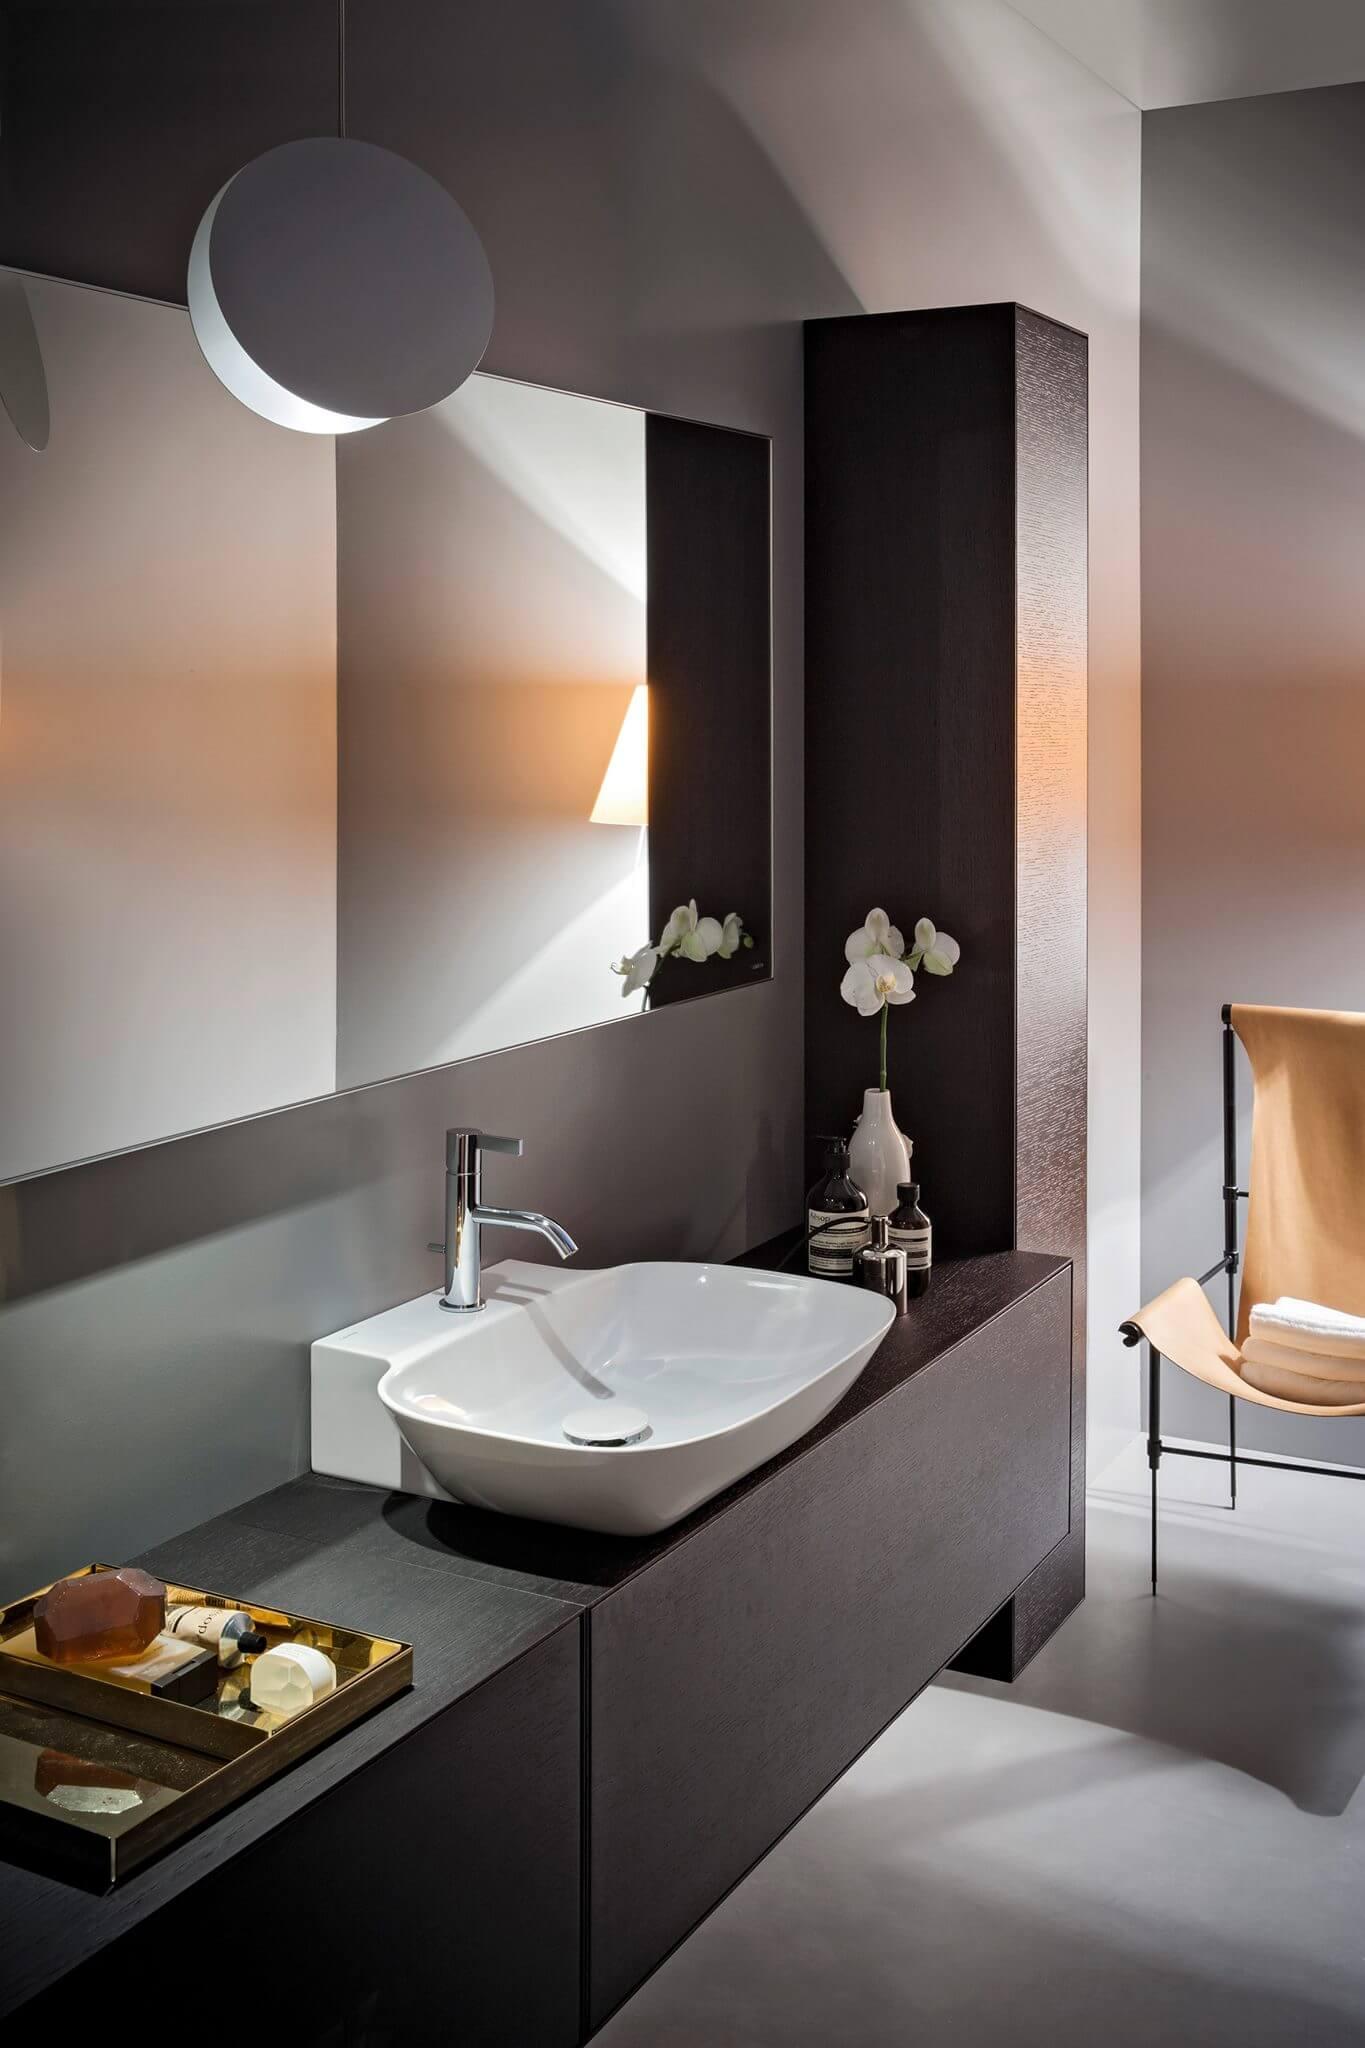 LAUFEN Bathrooms prasentierte Designkreationen auf der ISH 2017